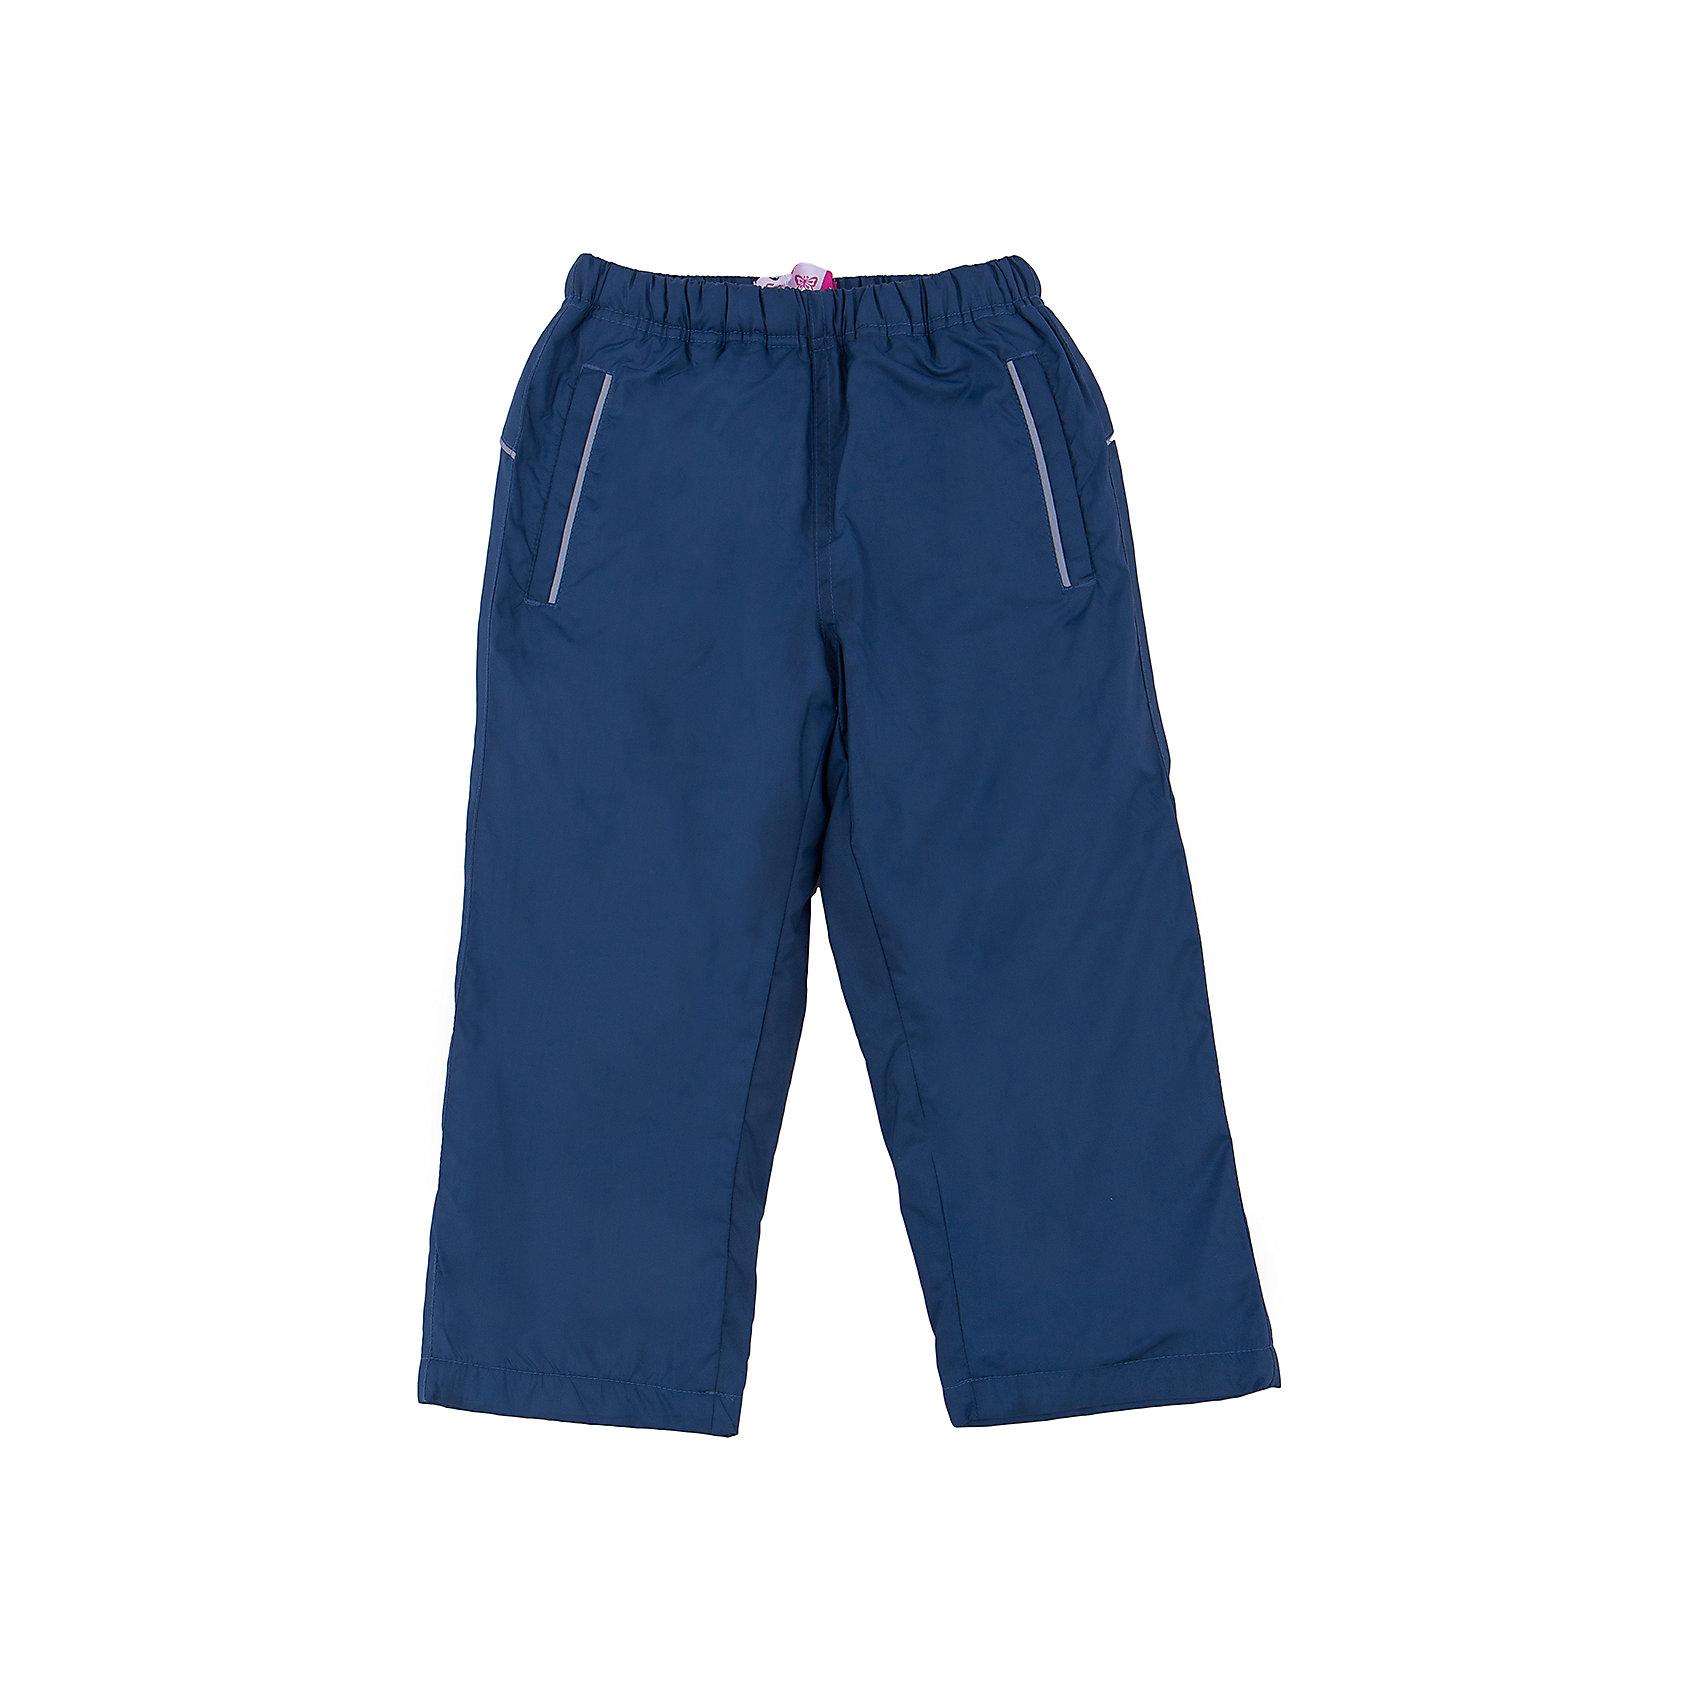 Брюки для девочки SELAСпортивная одежда<br>Спортивные брюки - незаменимая вещь в детском гардеробе. Эта модель отлично сидит на ребенке, она сшита из лекгкого материала, который обеспечивает ребенку комфорт. Модель станет отличной базовой вещью, которая будет уместна в различных сочетаниях.<br>Одежда от бренда Sela (Села) - это качество по приемлемым ценам. Многие российские родители уже оценили преимущества продукции этой компании и всё чаще приобретают одежду и аксессуары Sela.<br><br>Дополнительная информация:<br><br>материал: 100% ПЭ; подкладка:100% ПЭ;<br>удобная посадка;<br>резинка в поясе.<br><br>Брюки для девочки от бренда Sela можно купить в нашем интернет-магазине.<br><br>Ширина мм: 215<br>Глубина мм: 88<br>Высота мм: 191<br>Вес г: 336<br>Цвет: синий<br>Возраст от месяцев: 18<br>Возраст до месяцев: 24<br>Пол: Женский<br>Возраст: Детский<br>Размер: 92,116,98,104,110<br>SKU: 4919357